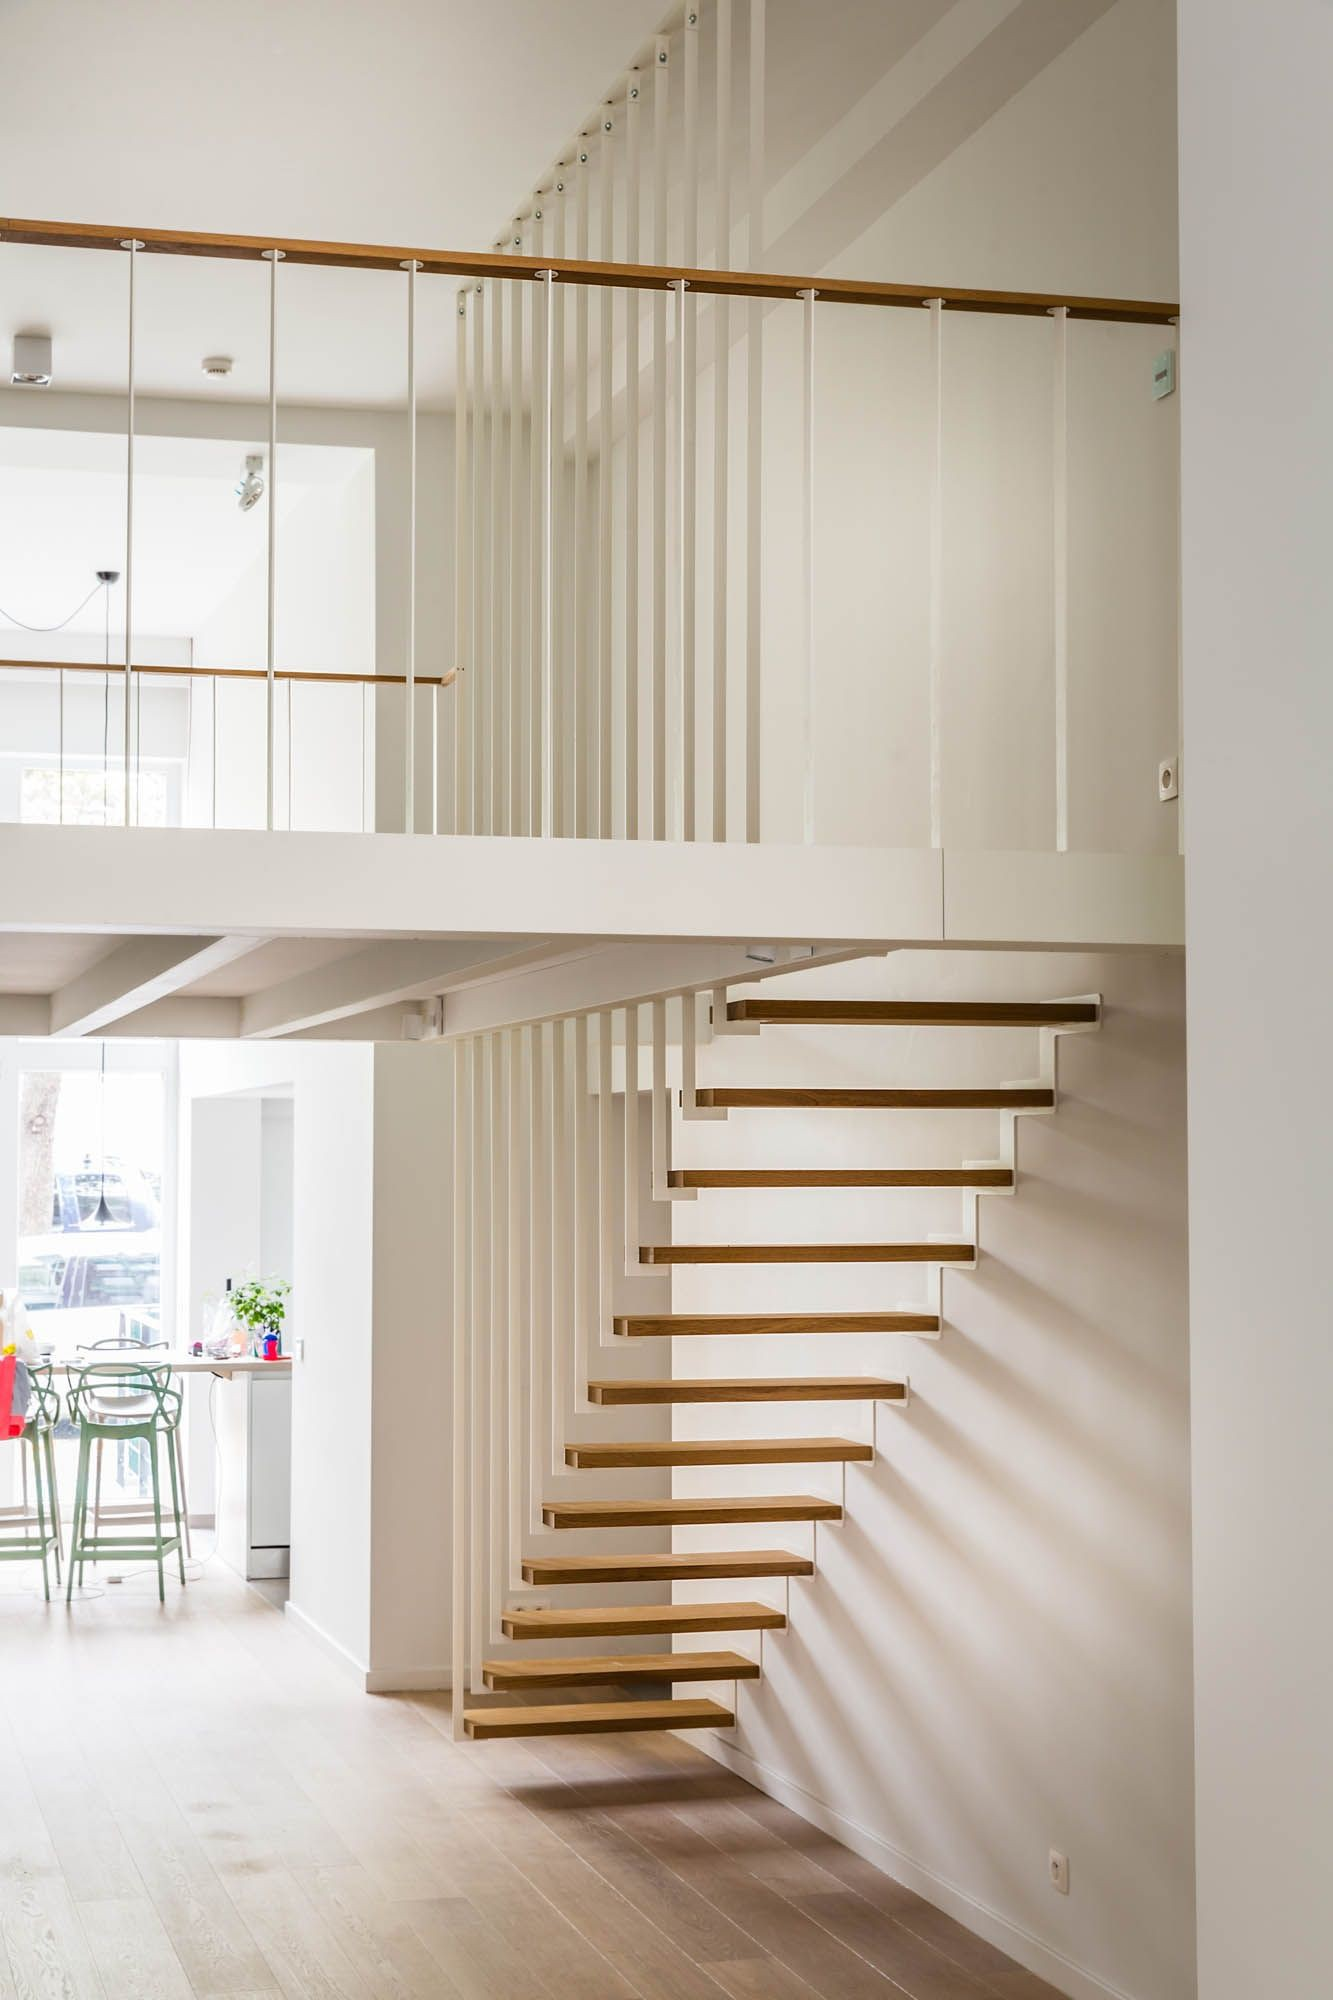 mẫu cầu thang gác lửng bằng gỗ